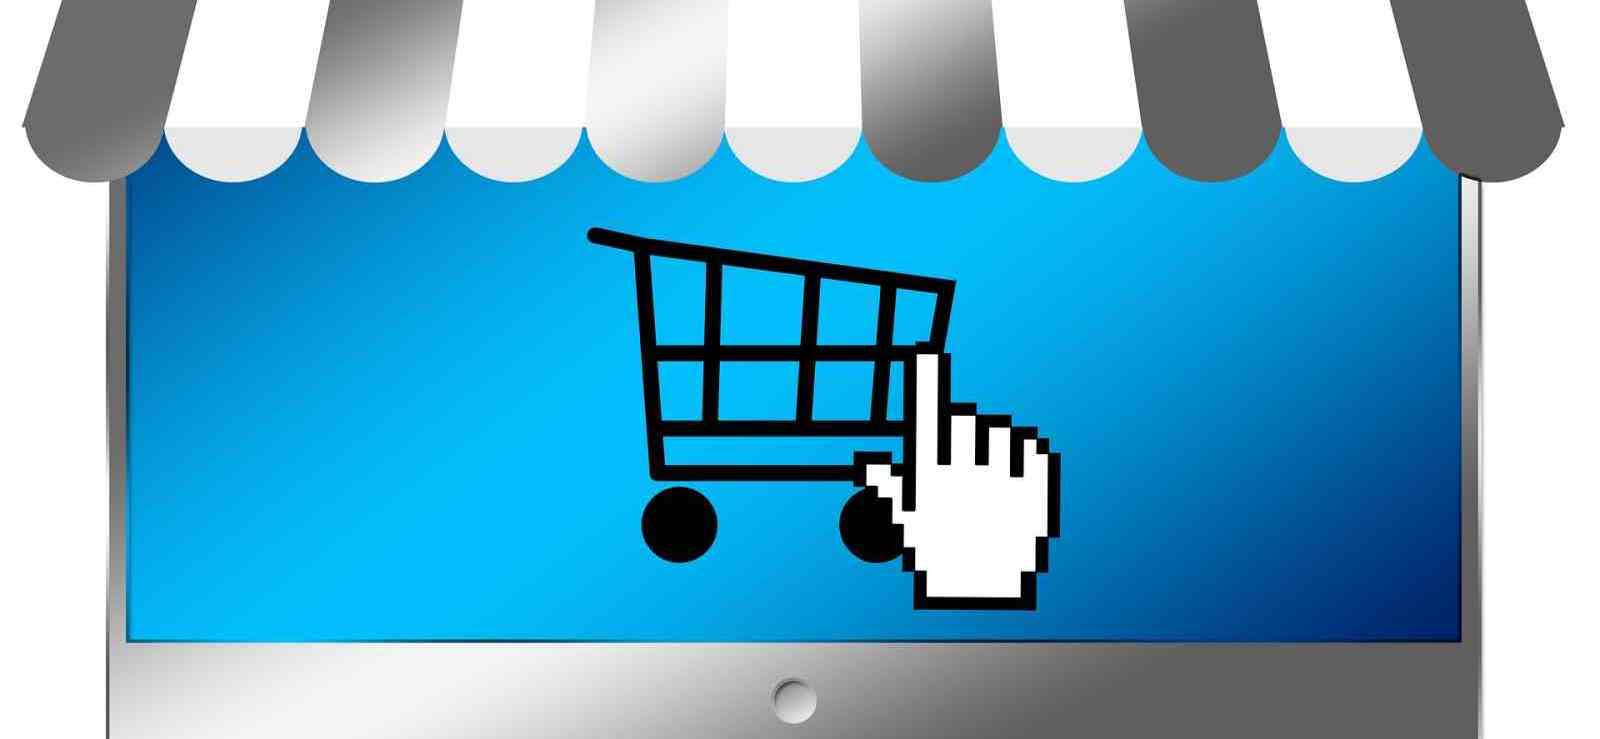 Shopping on line? Occhio alla sicurezza!